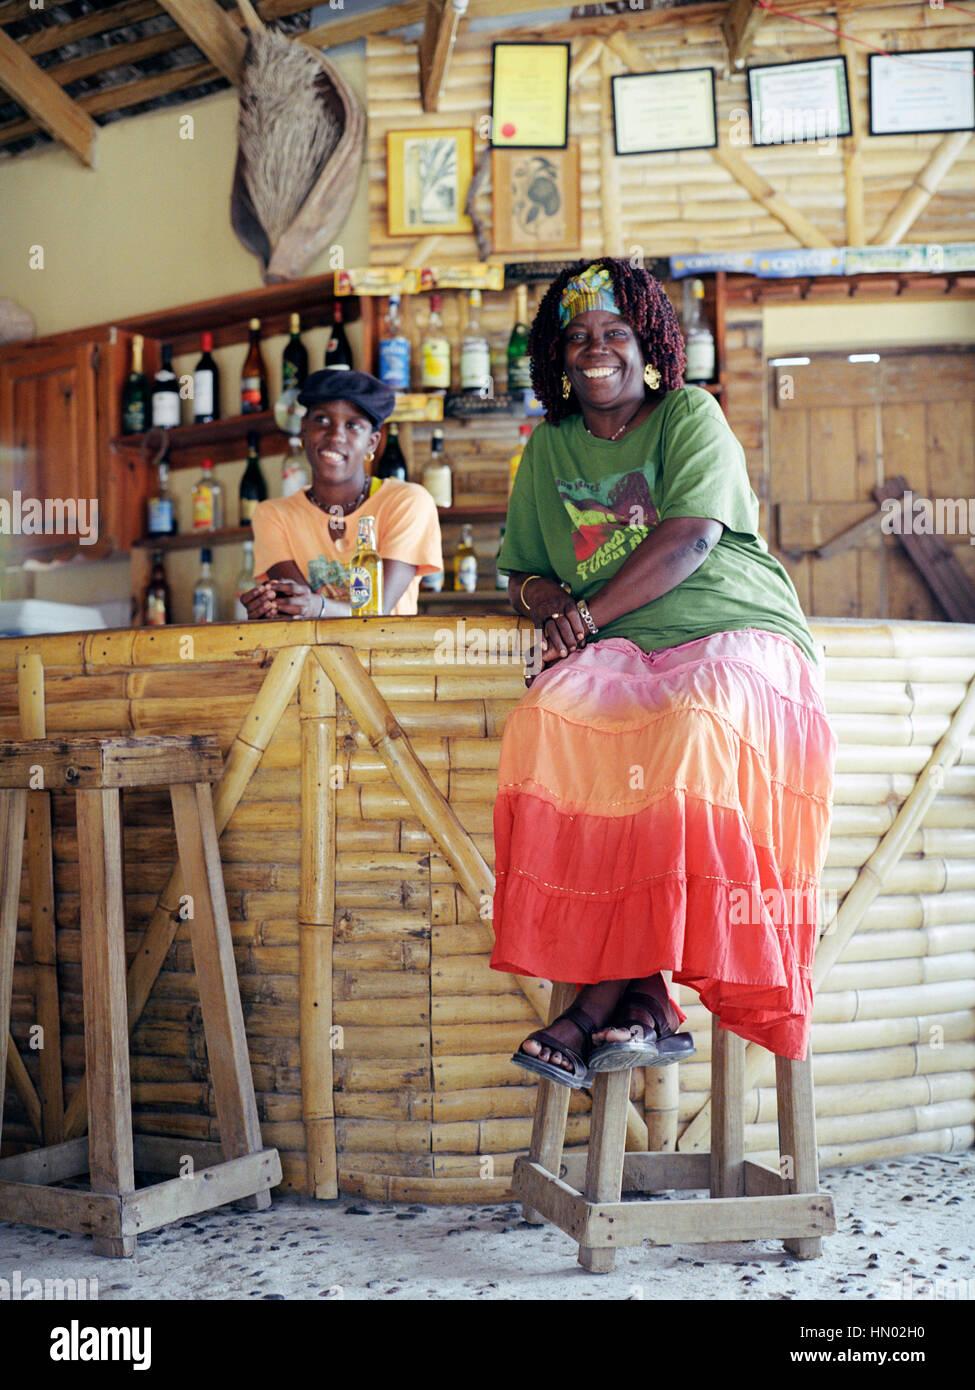 Marjorie Lambert owner of Marjorie's Beach Bar on Cas En Bas beach relaxes at her bar. Cas En Bas, St. Lucia, - Stock Image